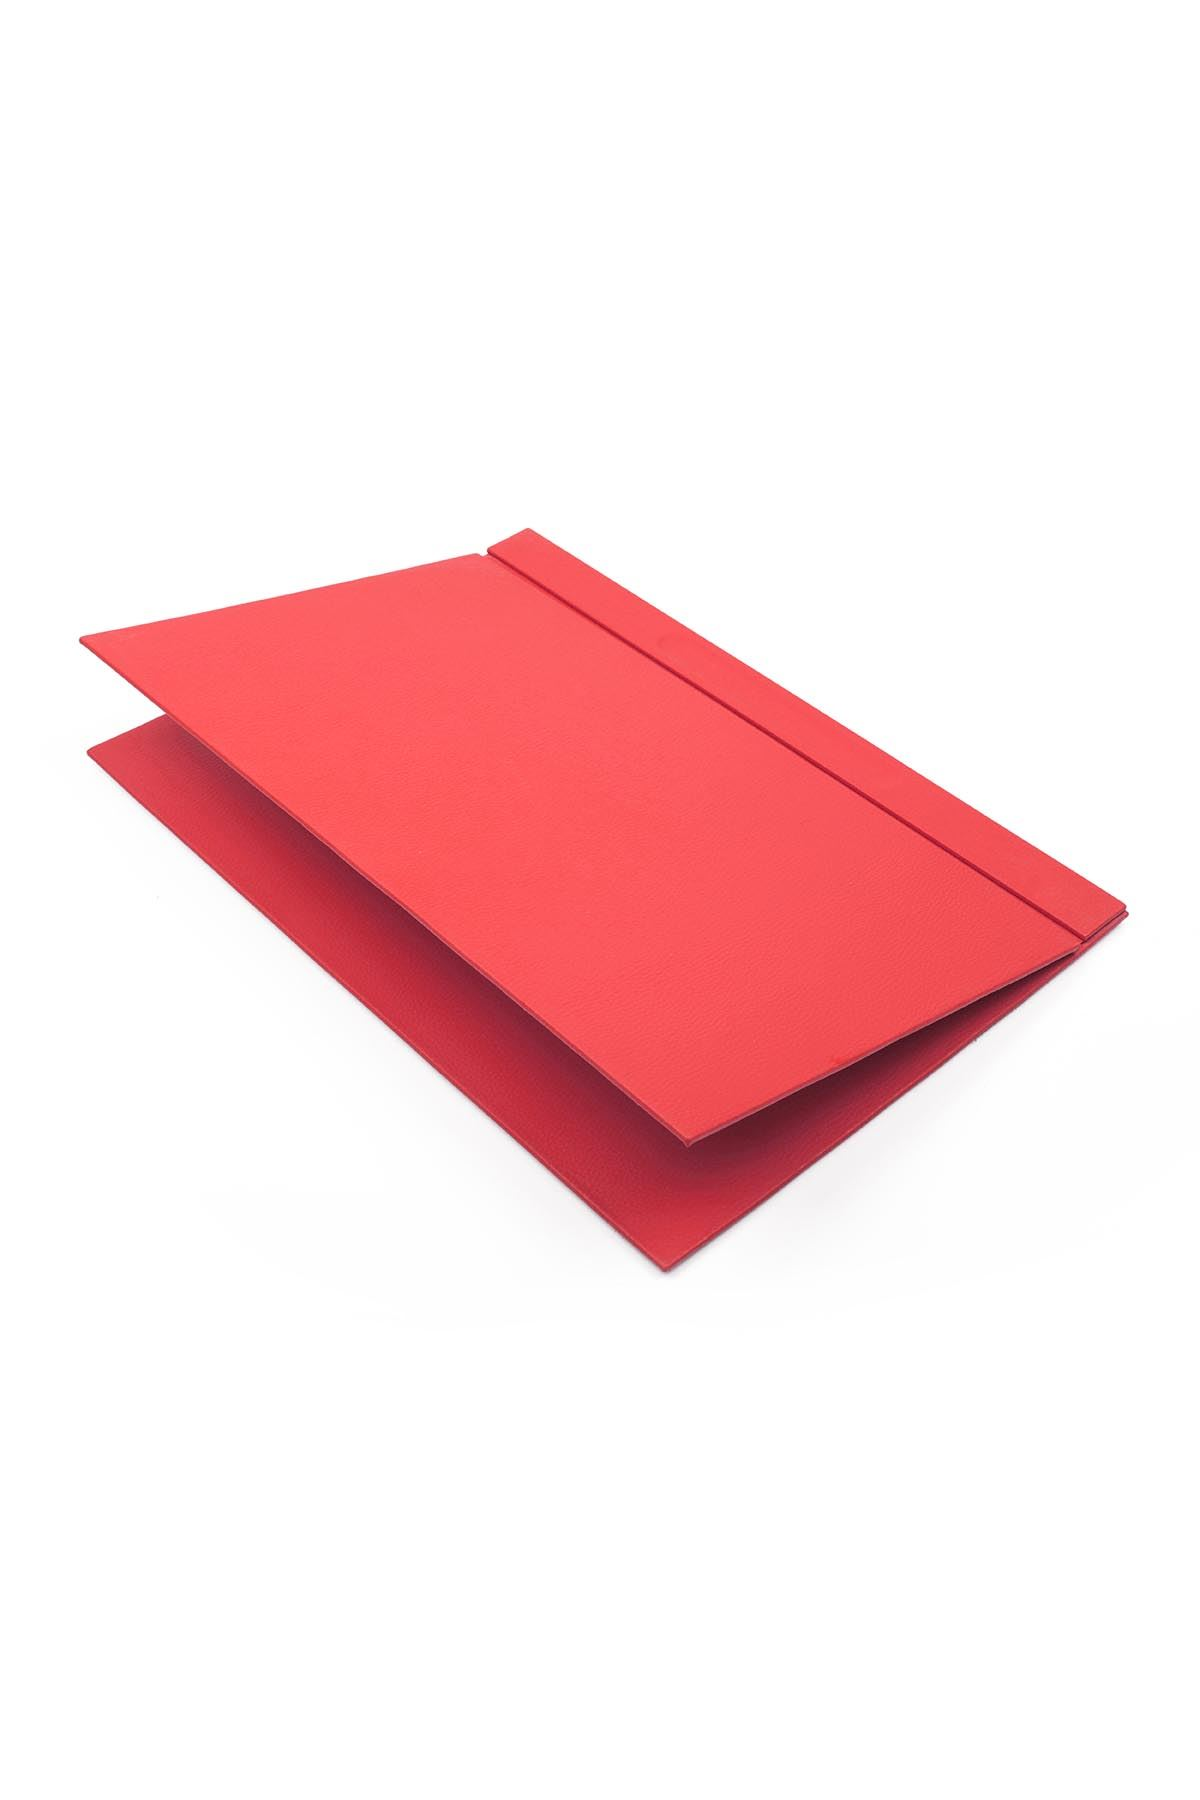 Deri Sümen Takımı Kırmızı 4 Parça